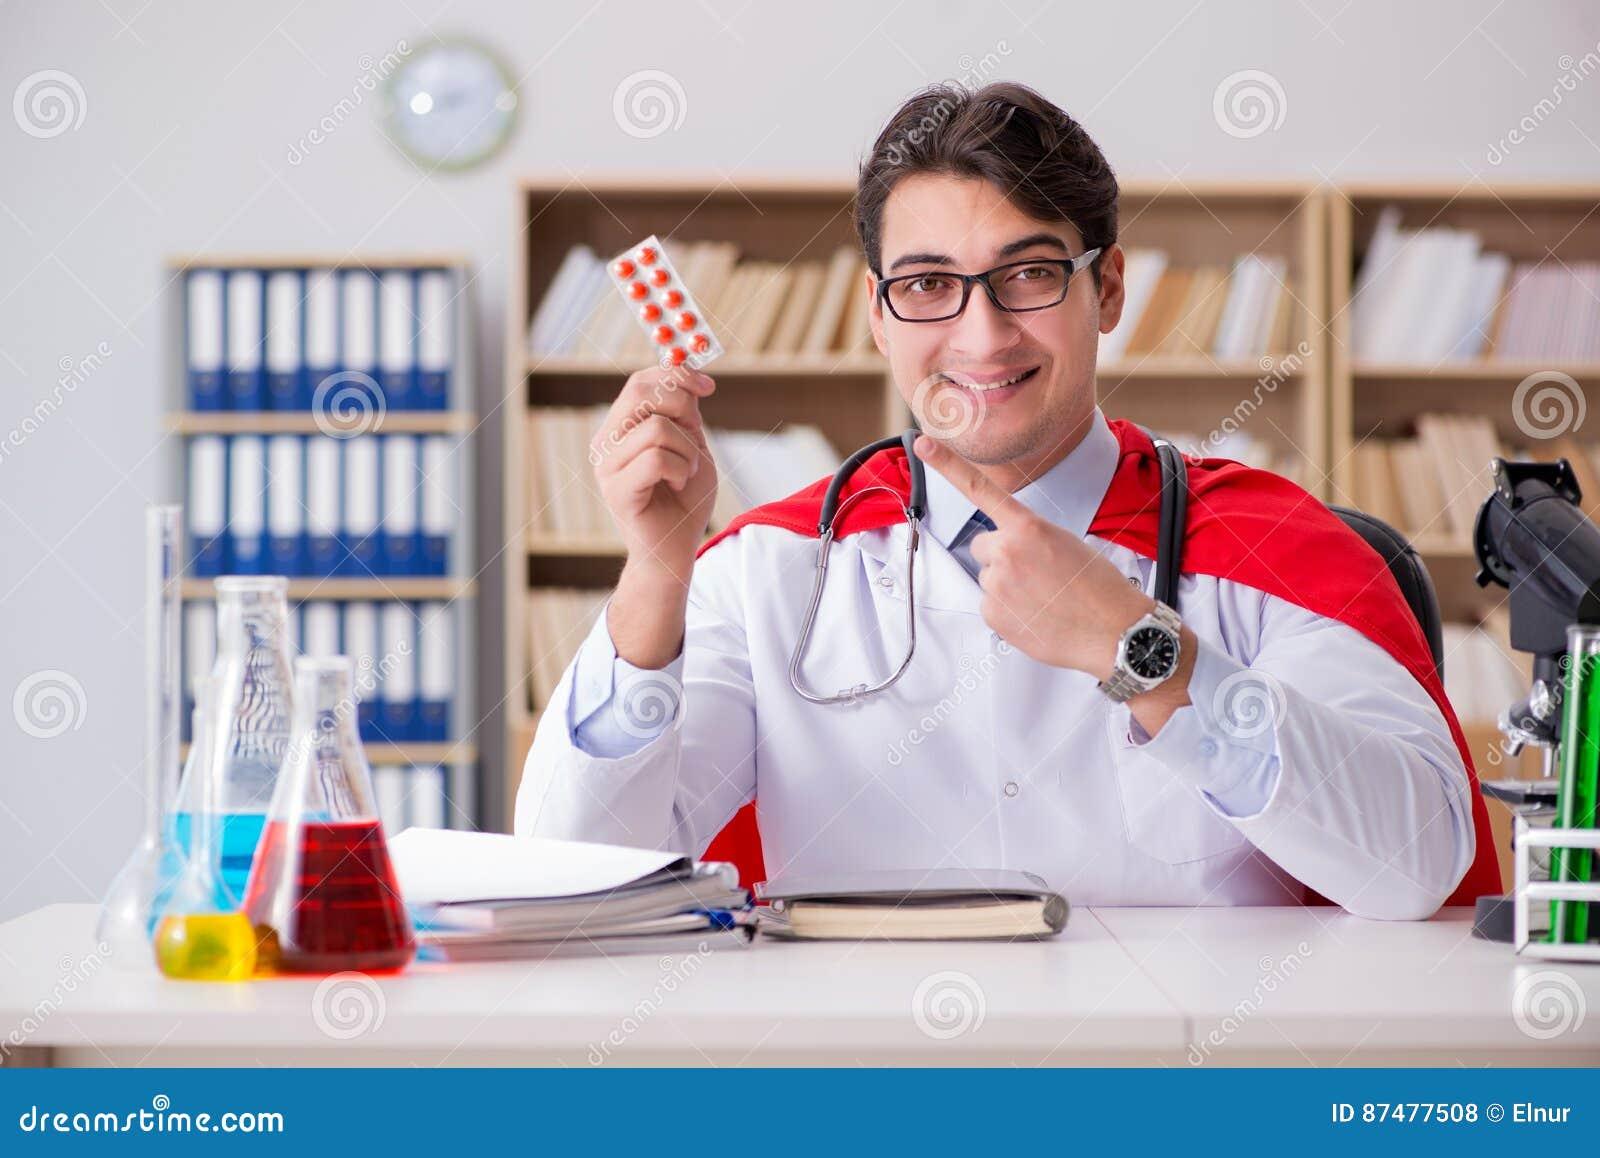 Ο γιατρός superhero που εργάζεται στο νοσοκομείο εργαστηρίων